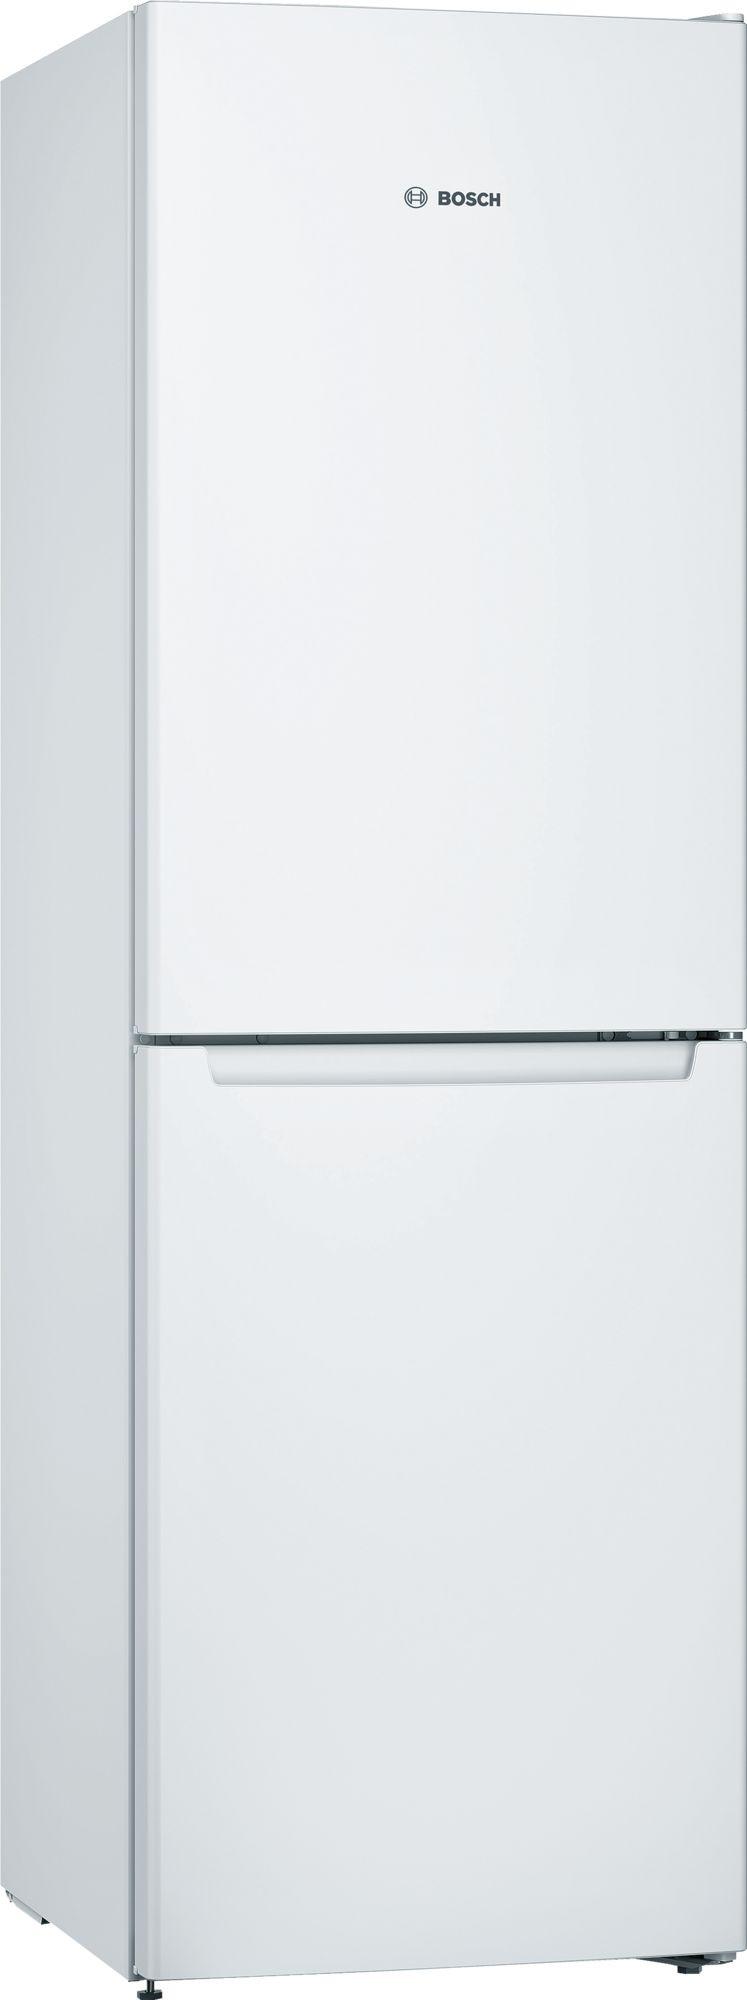 Bosch Serie 2 KGN34NWEAG Freestanding White Fridge Freezer